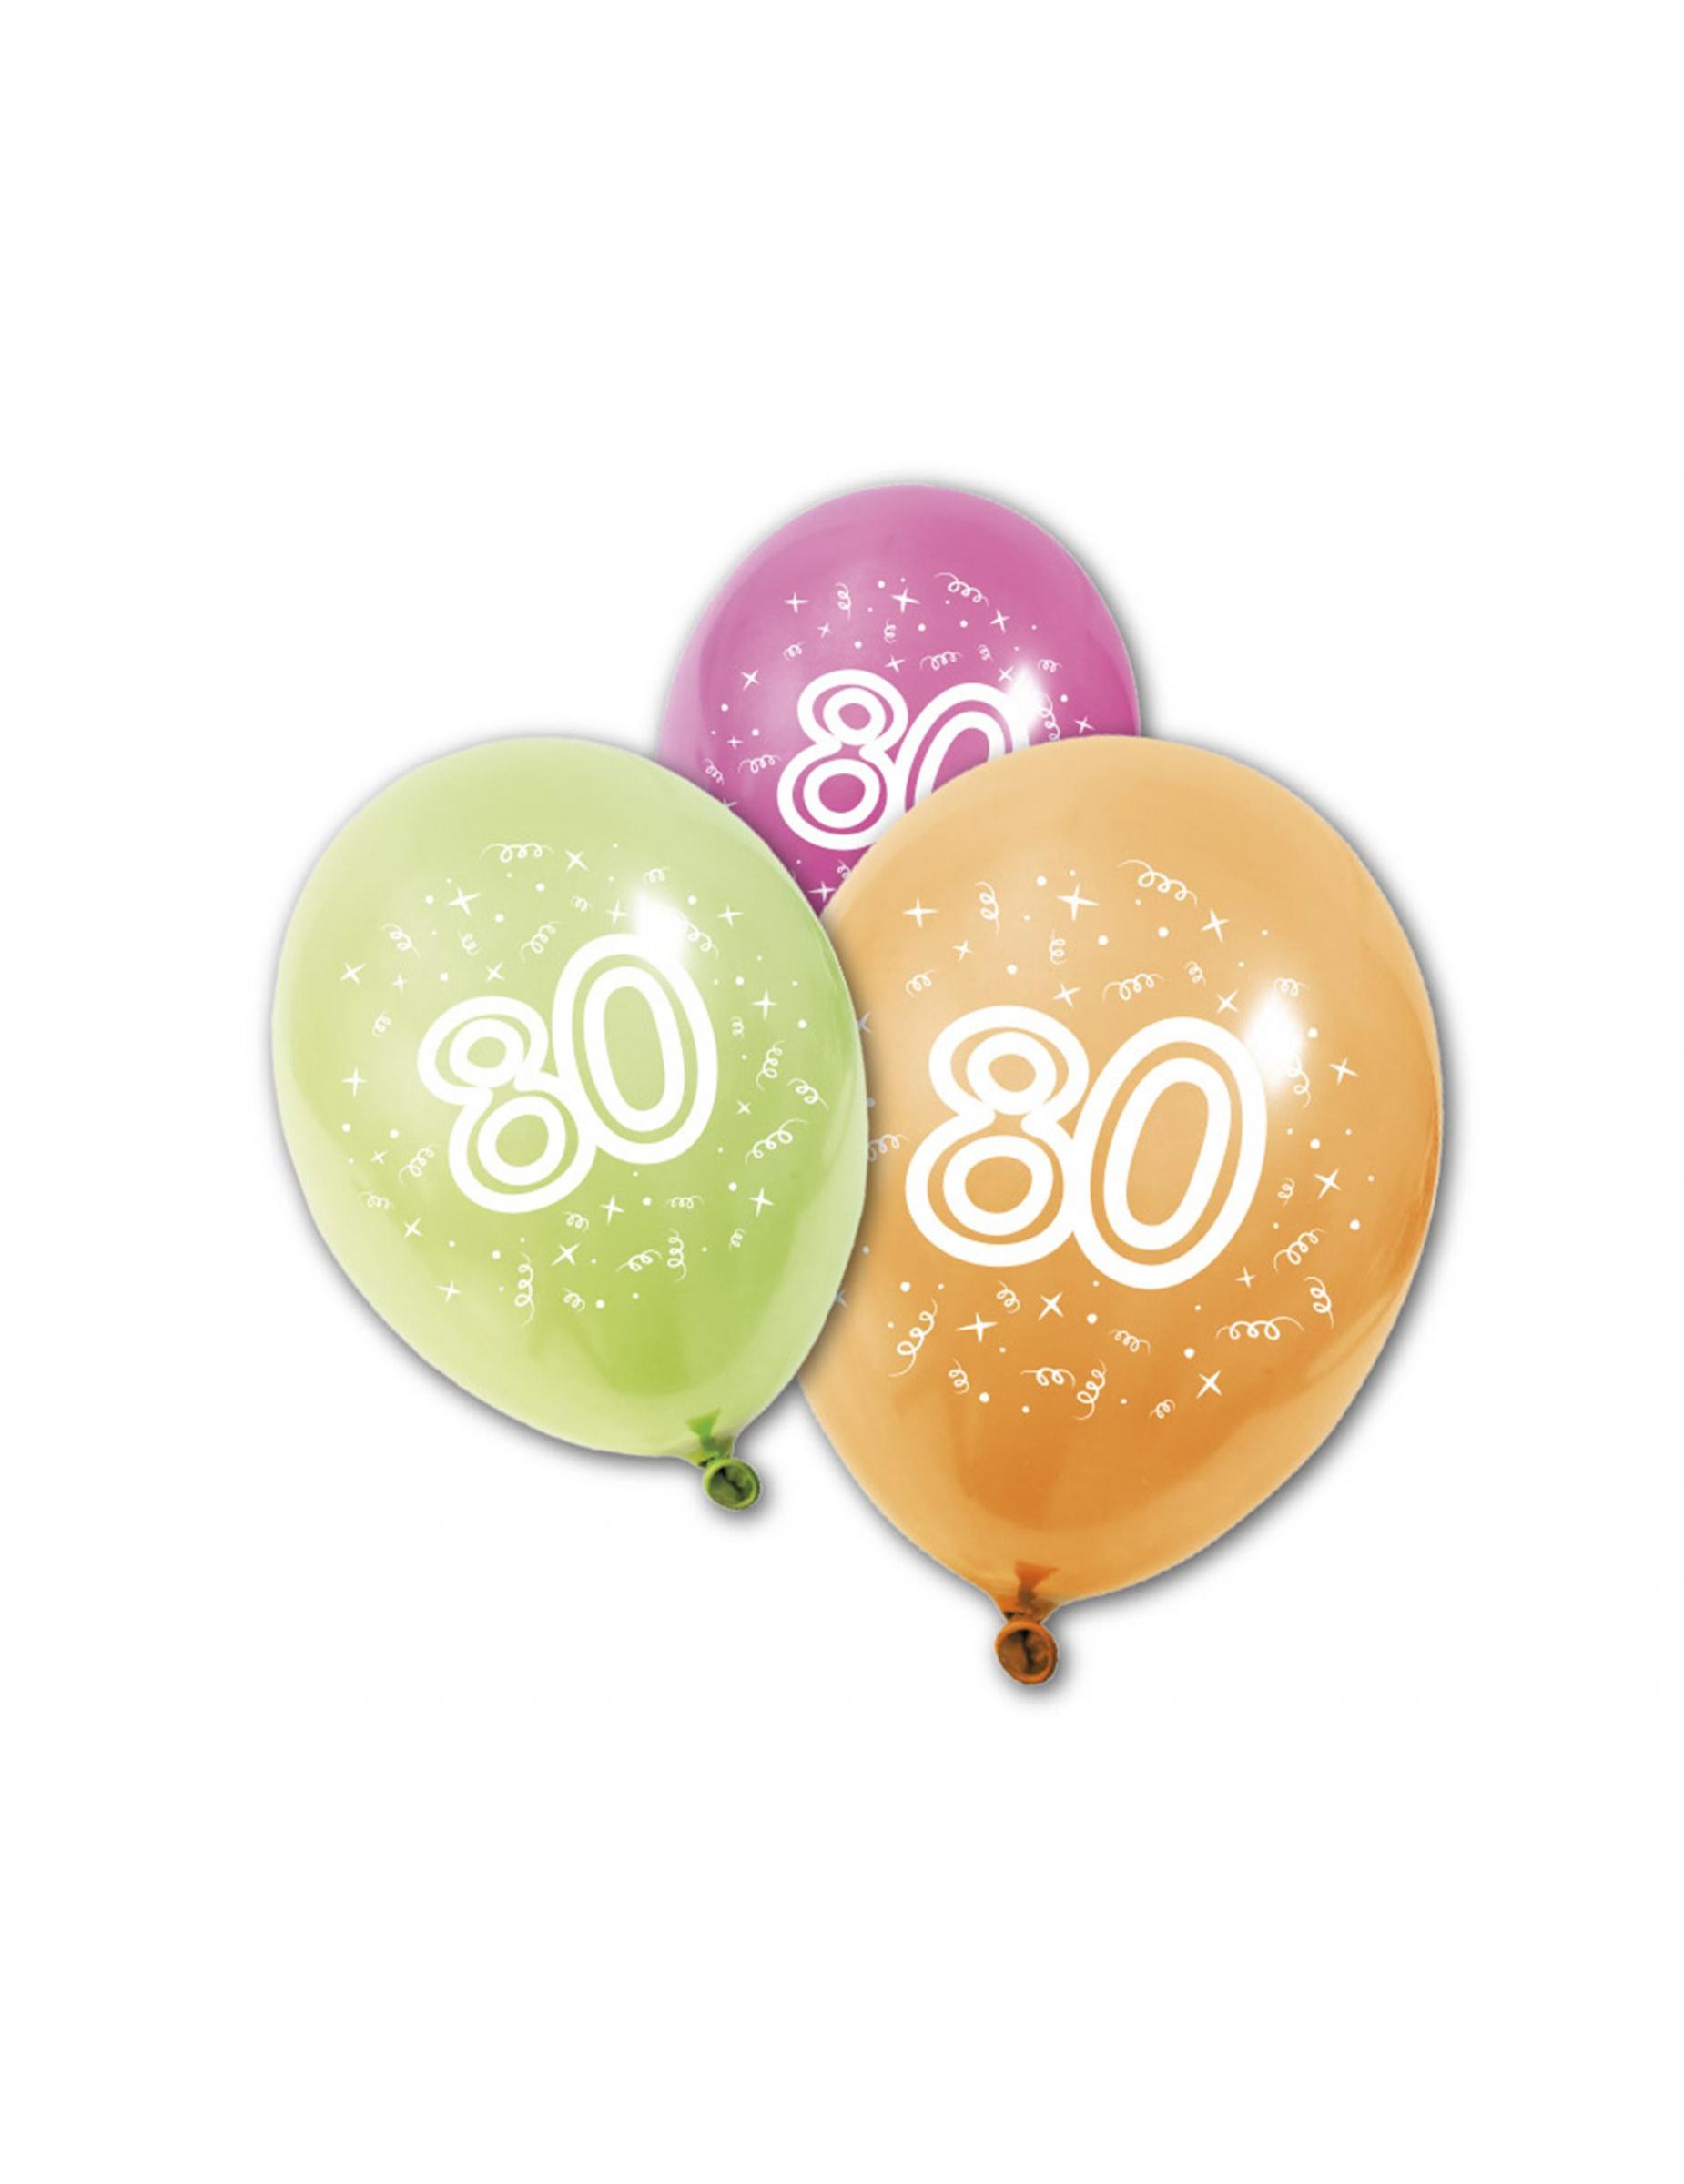 8 luftballons 80 geburtstag partydeko und g nstige. Black Bedroom Furniture Sets. Home Design Ideas